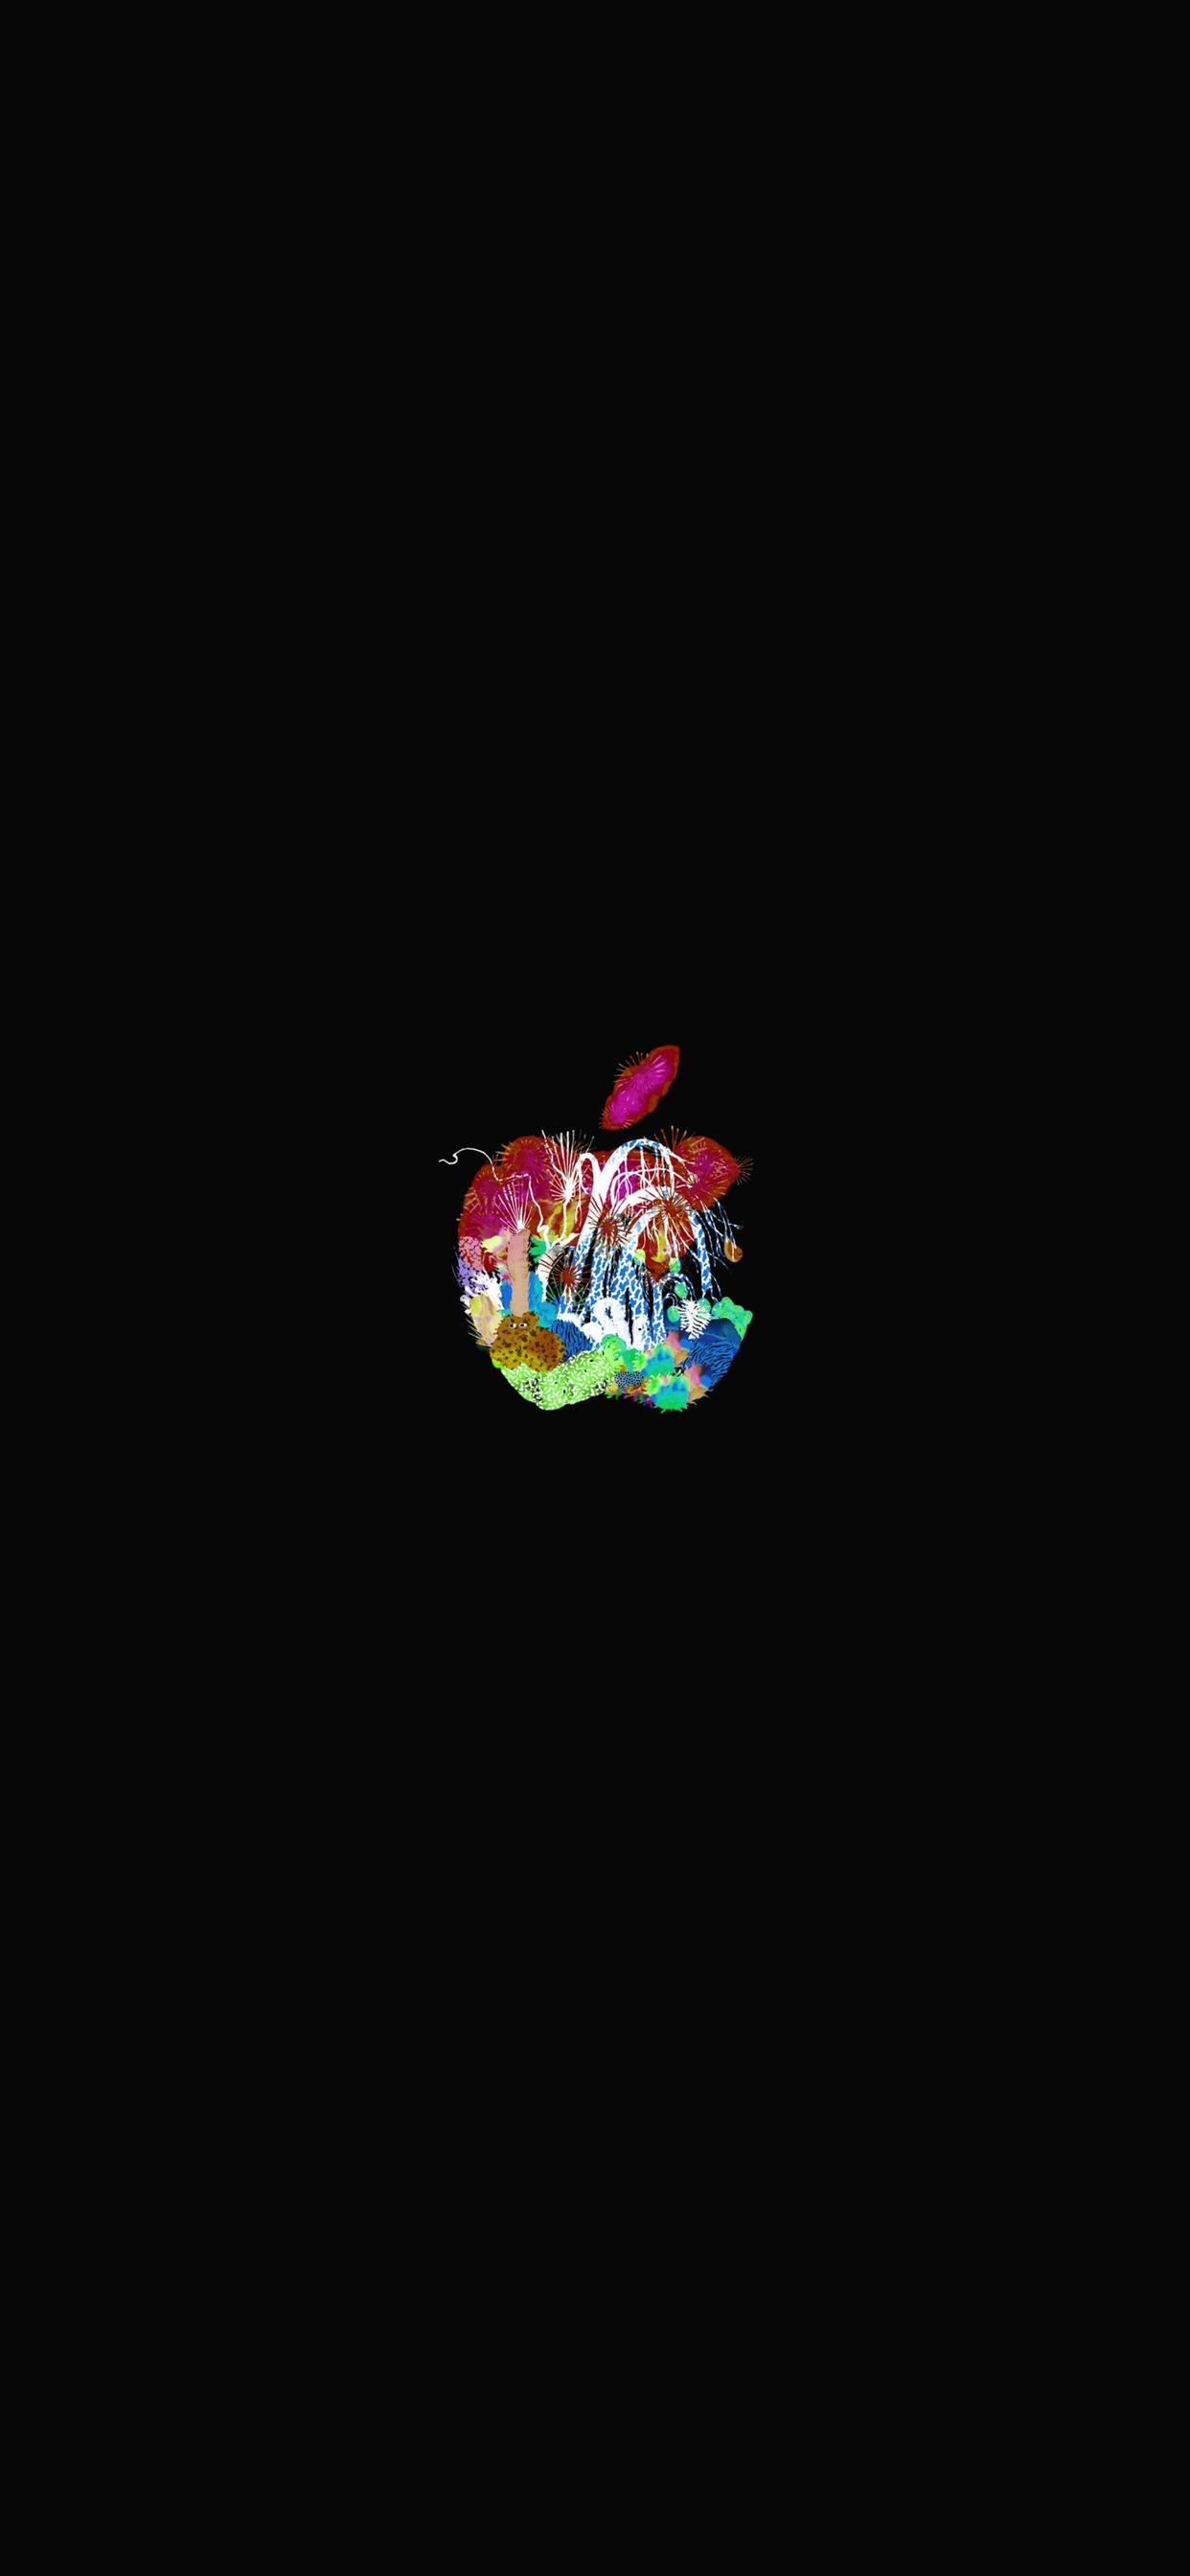 iPhone wallpaper apple logo 21 Fonds décran noirs avec le logo Apple en très haute résolution